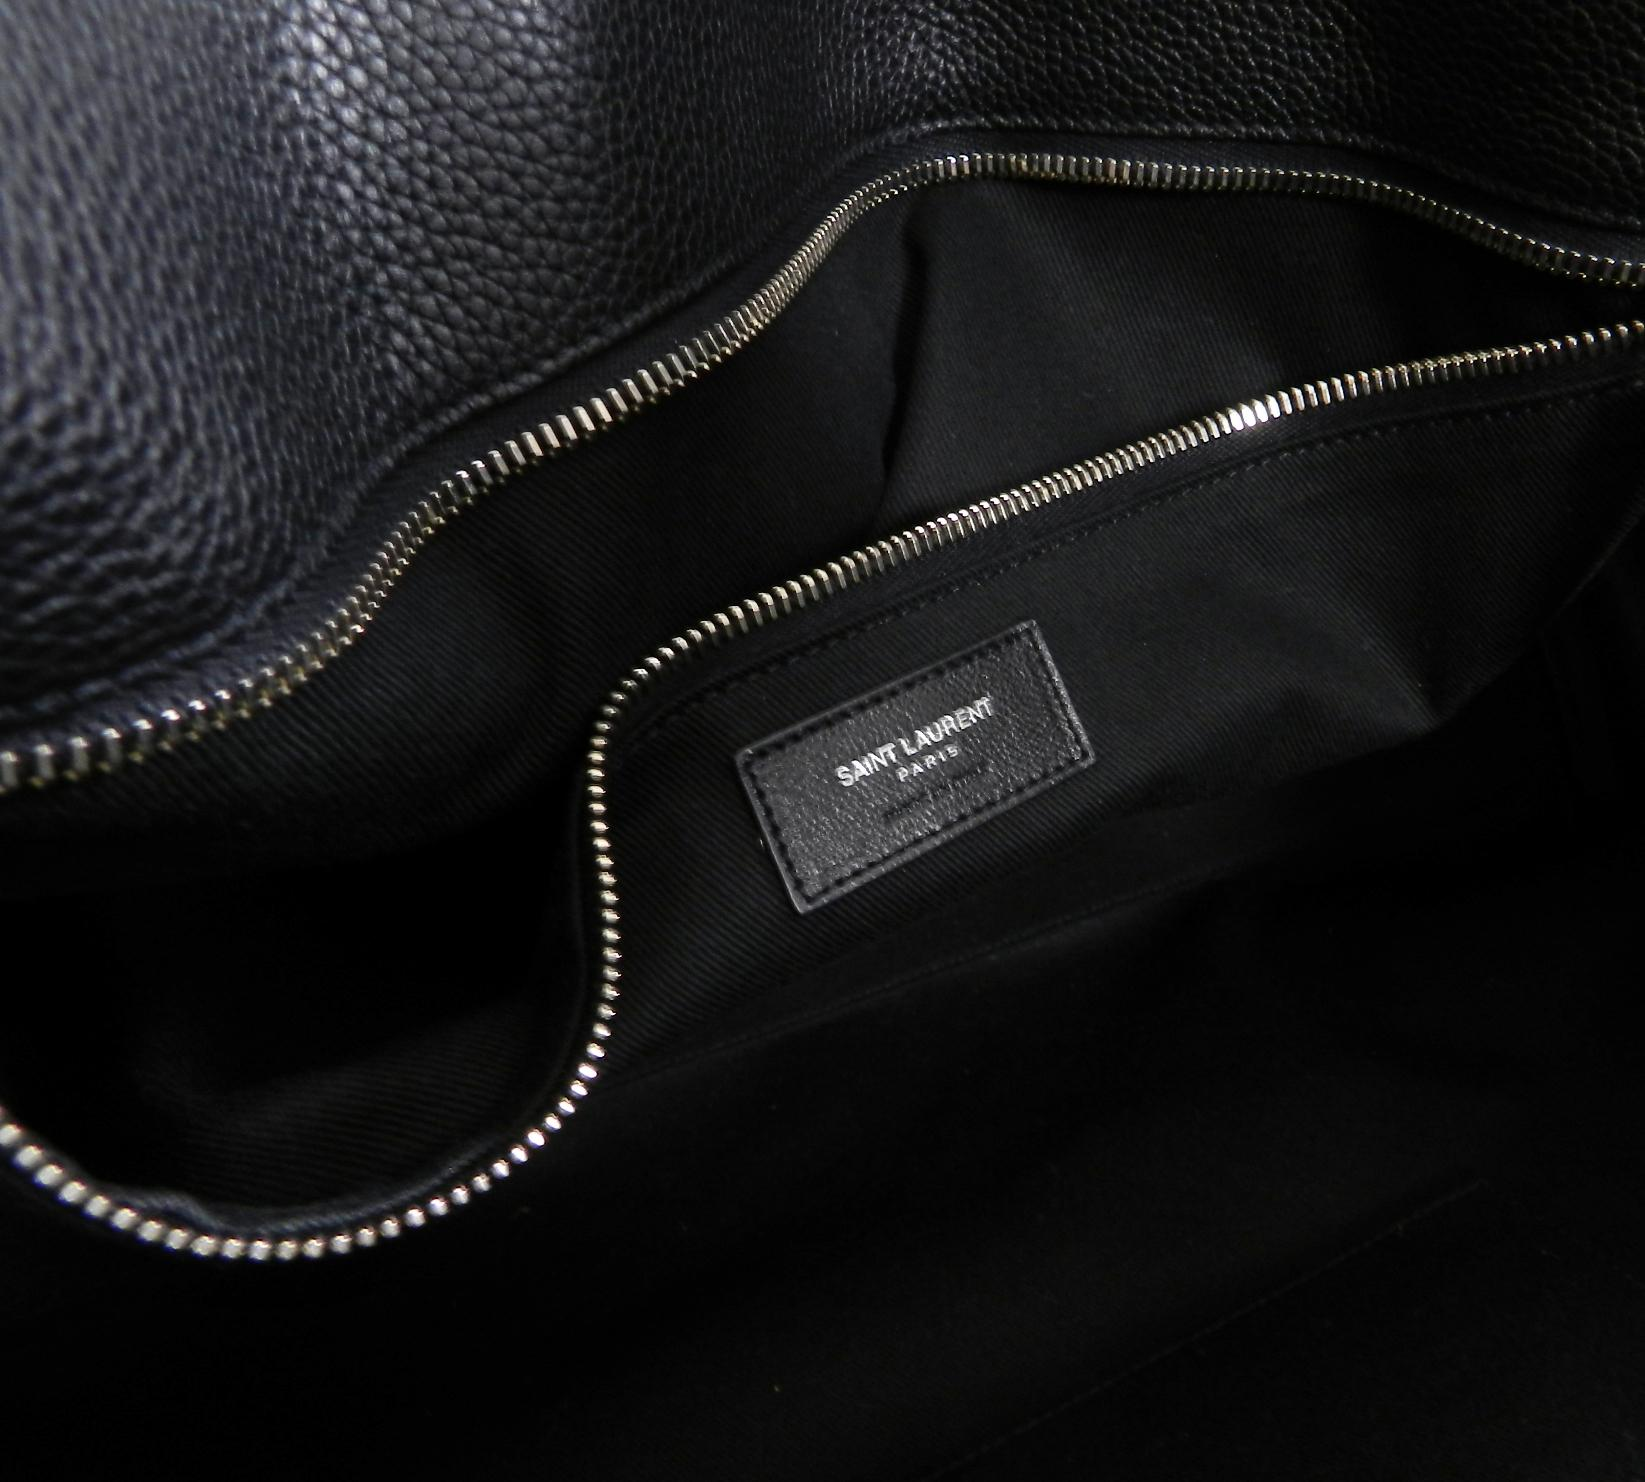 Saint Laurent Black Leather Sac de Jour 48H Large Duffle Bag For Sale at  1stdibs 66fdacc07650b